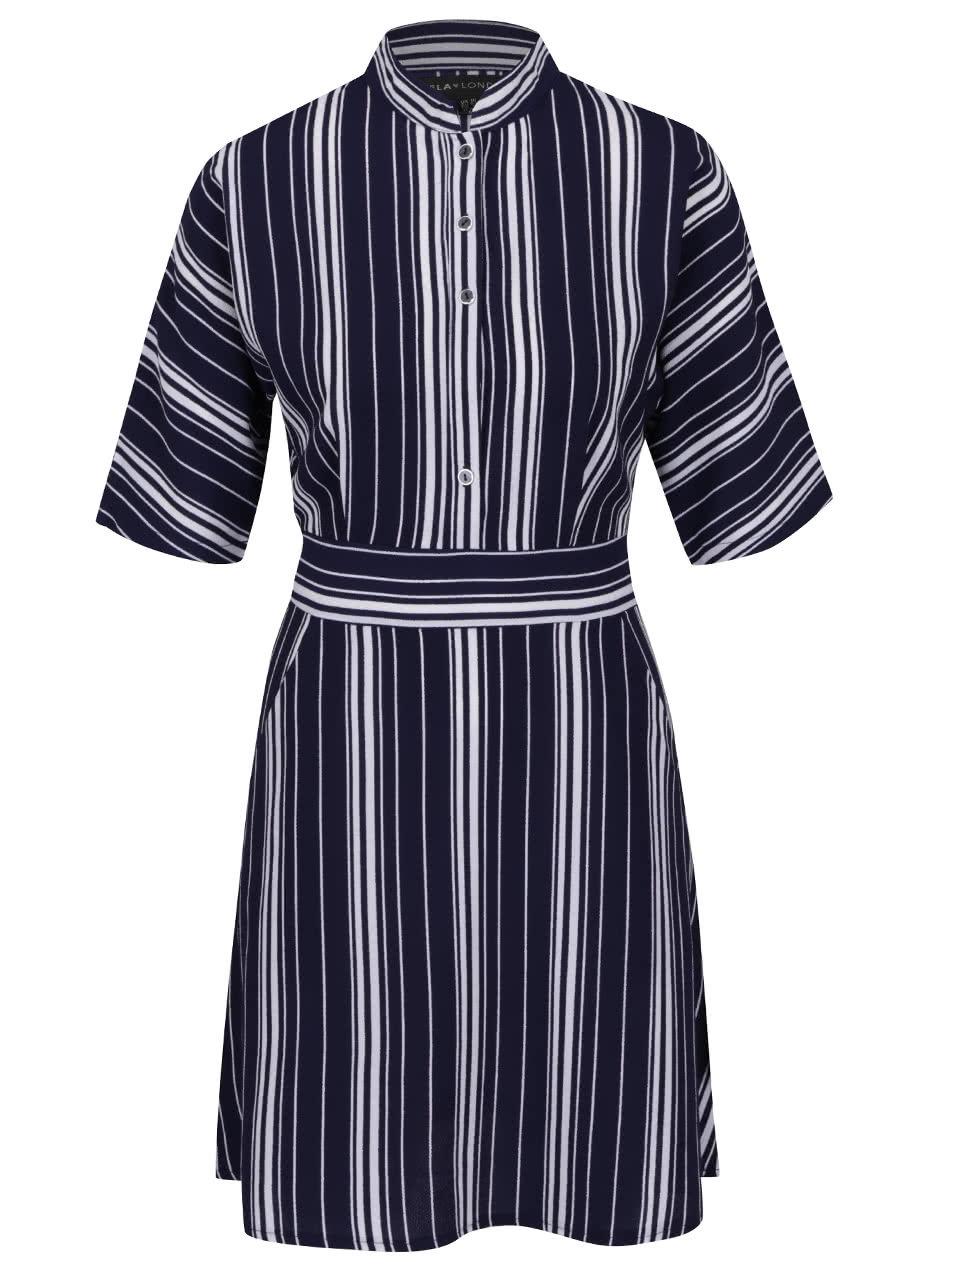 Modro-biele pruhované košeľové šaty s vreckami Mela London ... 550d969fb66